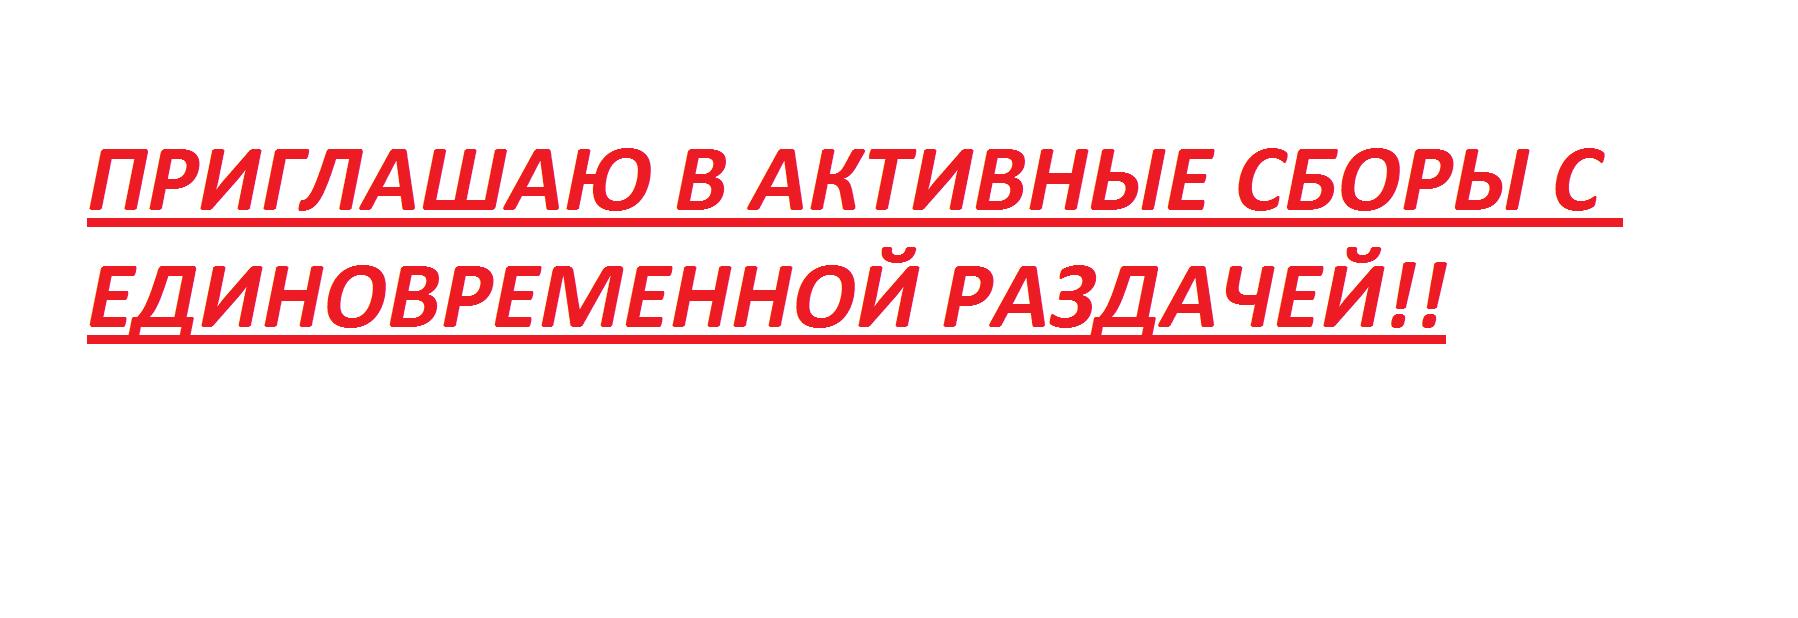 ПРИГЛАШАЮ В СБОРЫ С ЕДИНОВРЕМЕННОЙ РАЗДАЧЕЙ!!!